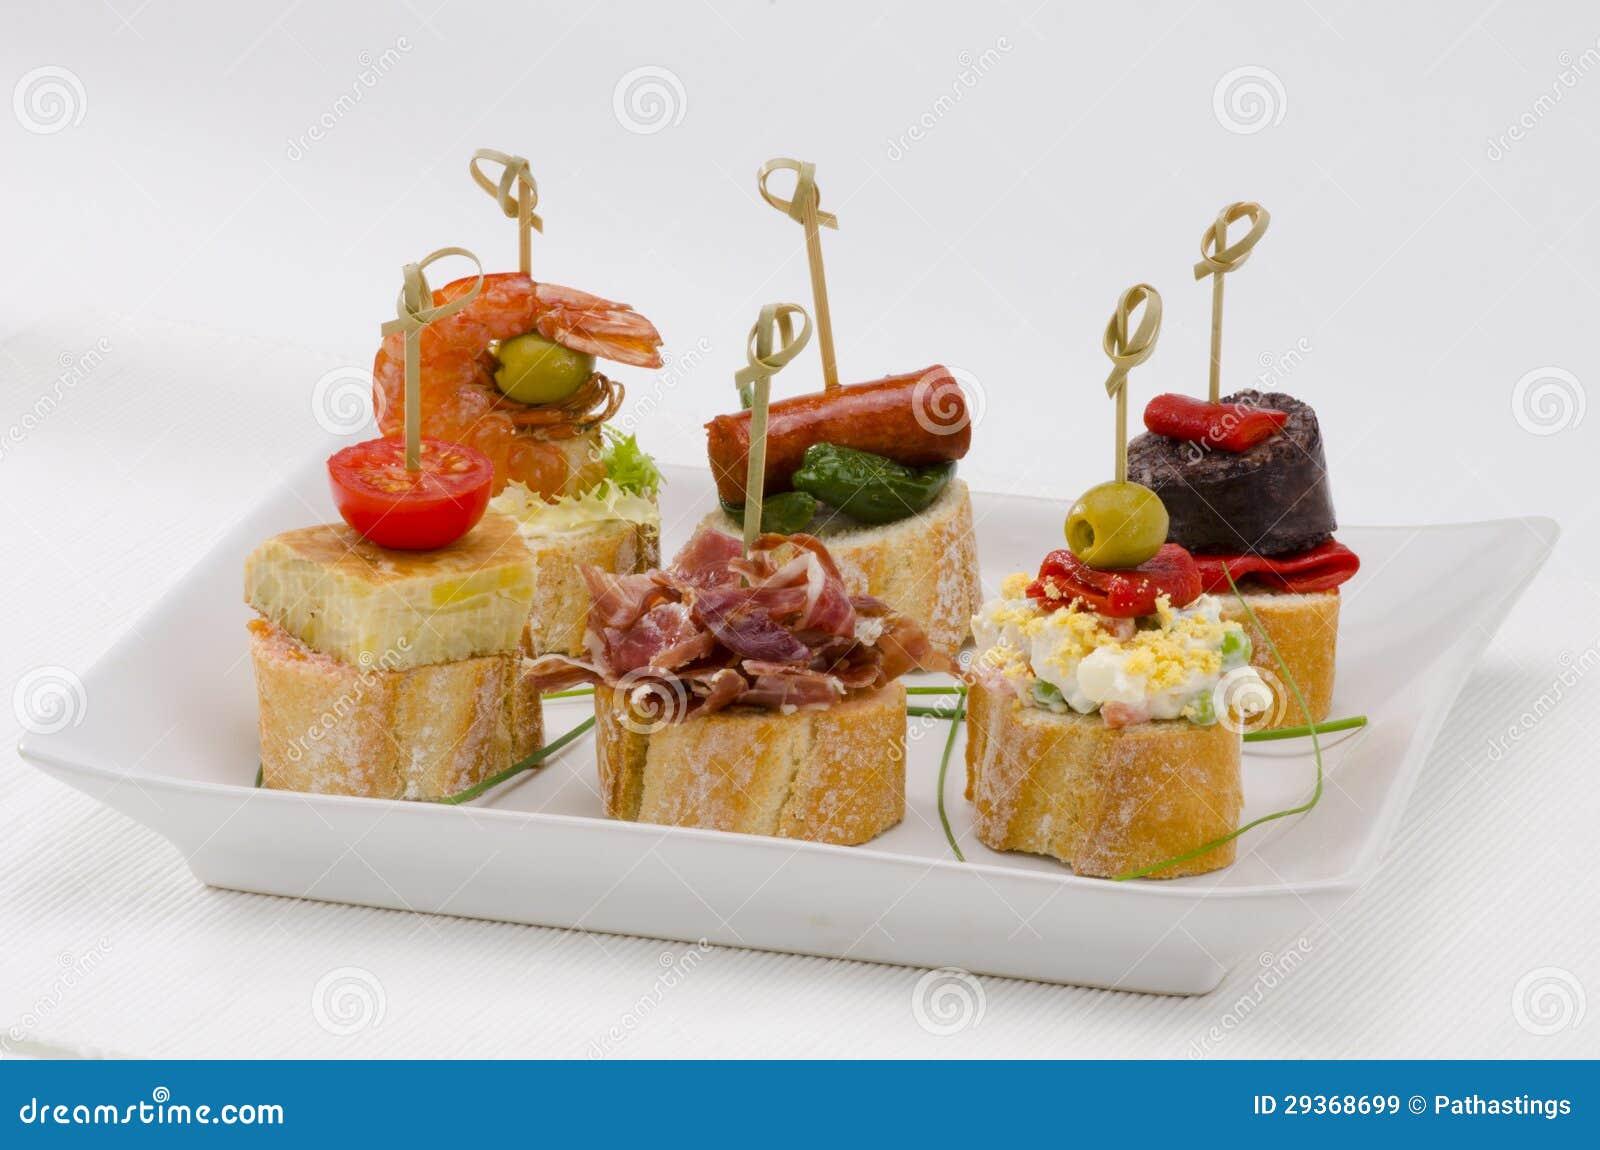 Cuisine espagnole tapas plateau des montaditos images - Cuisine espagnole tapas ...